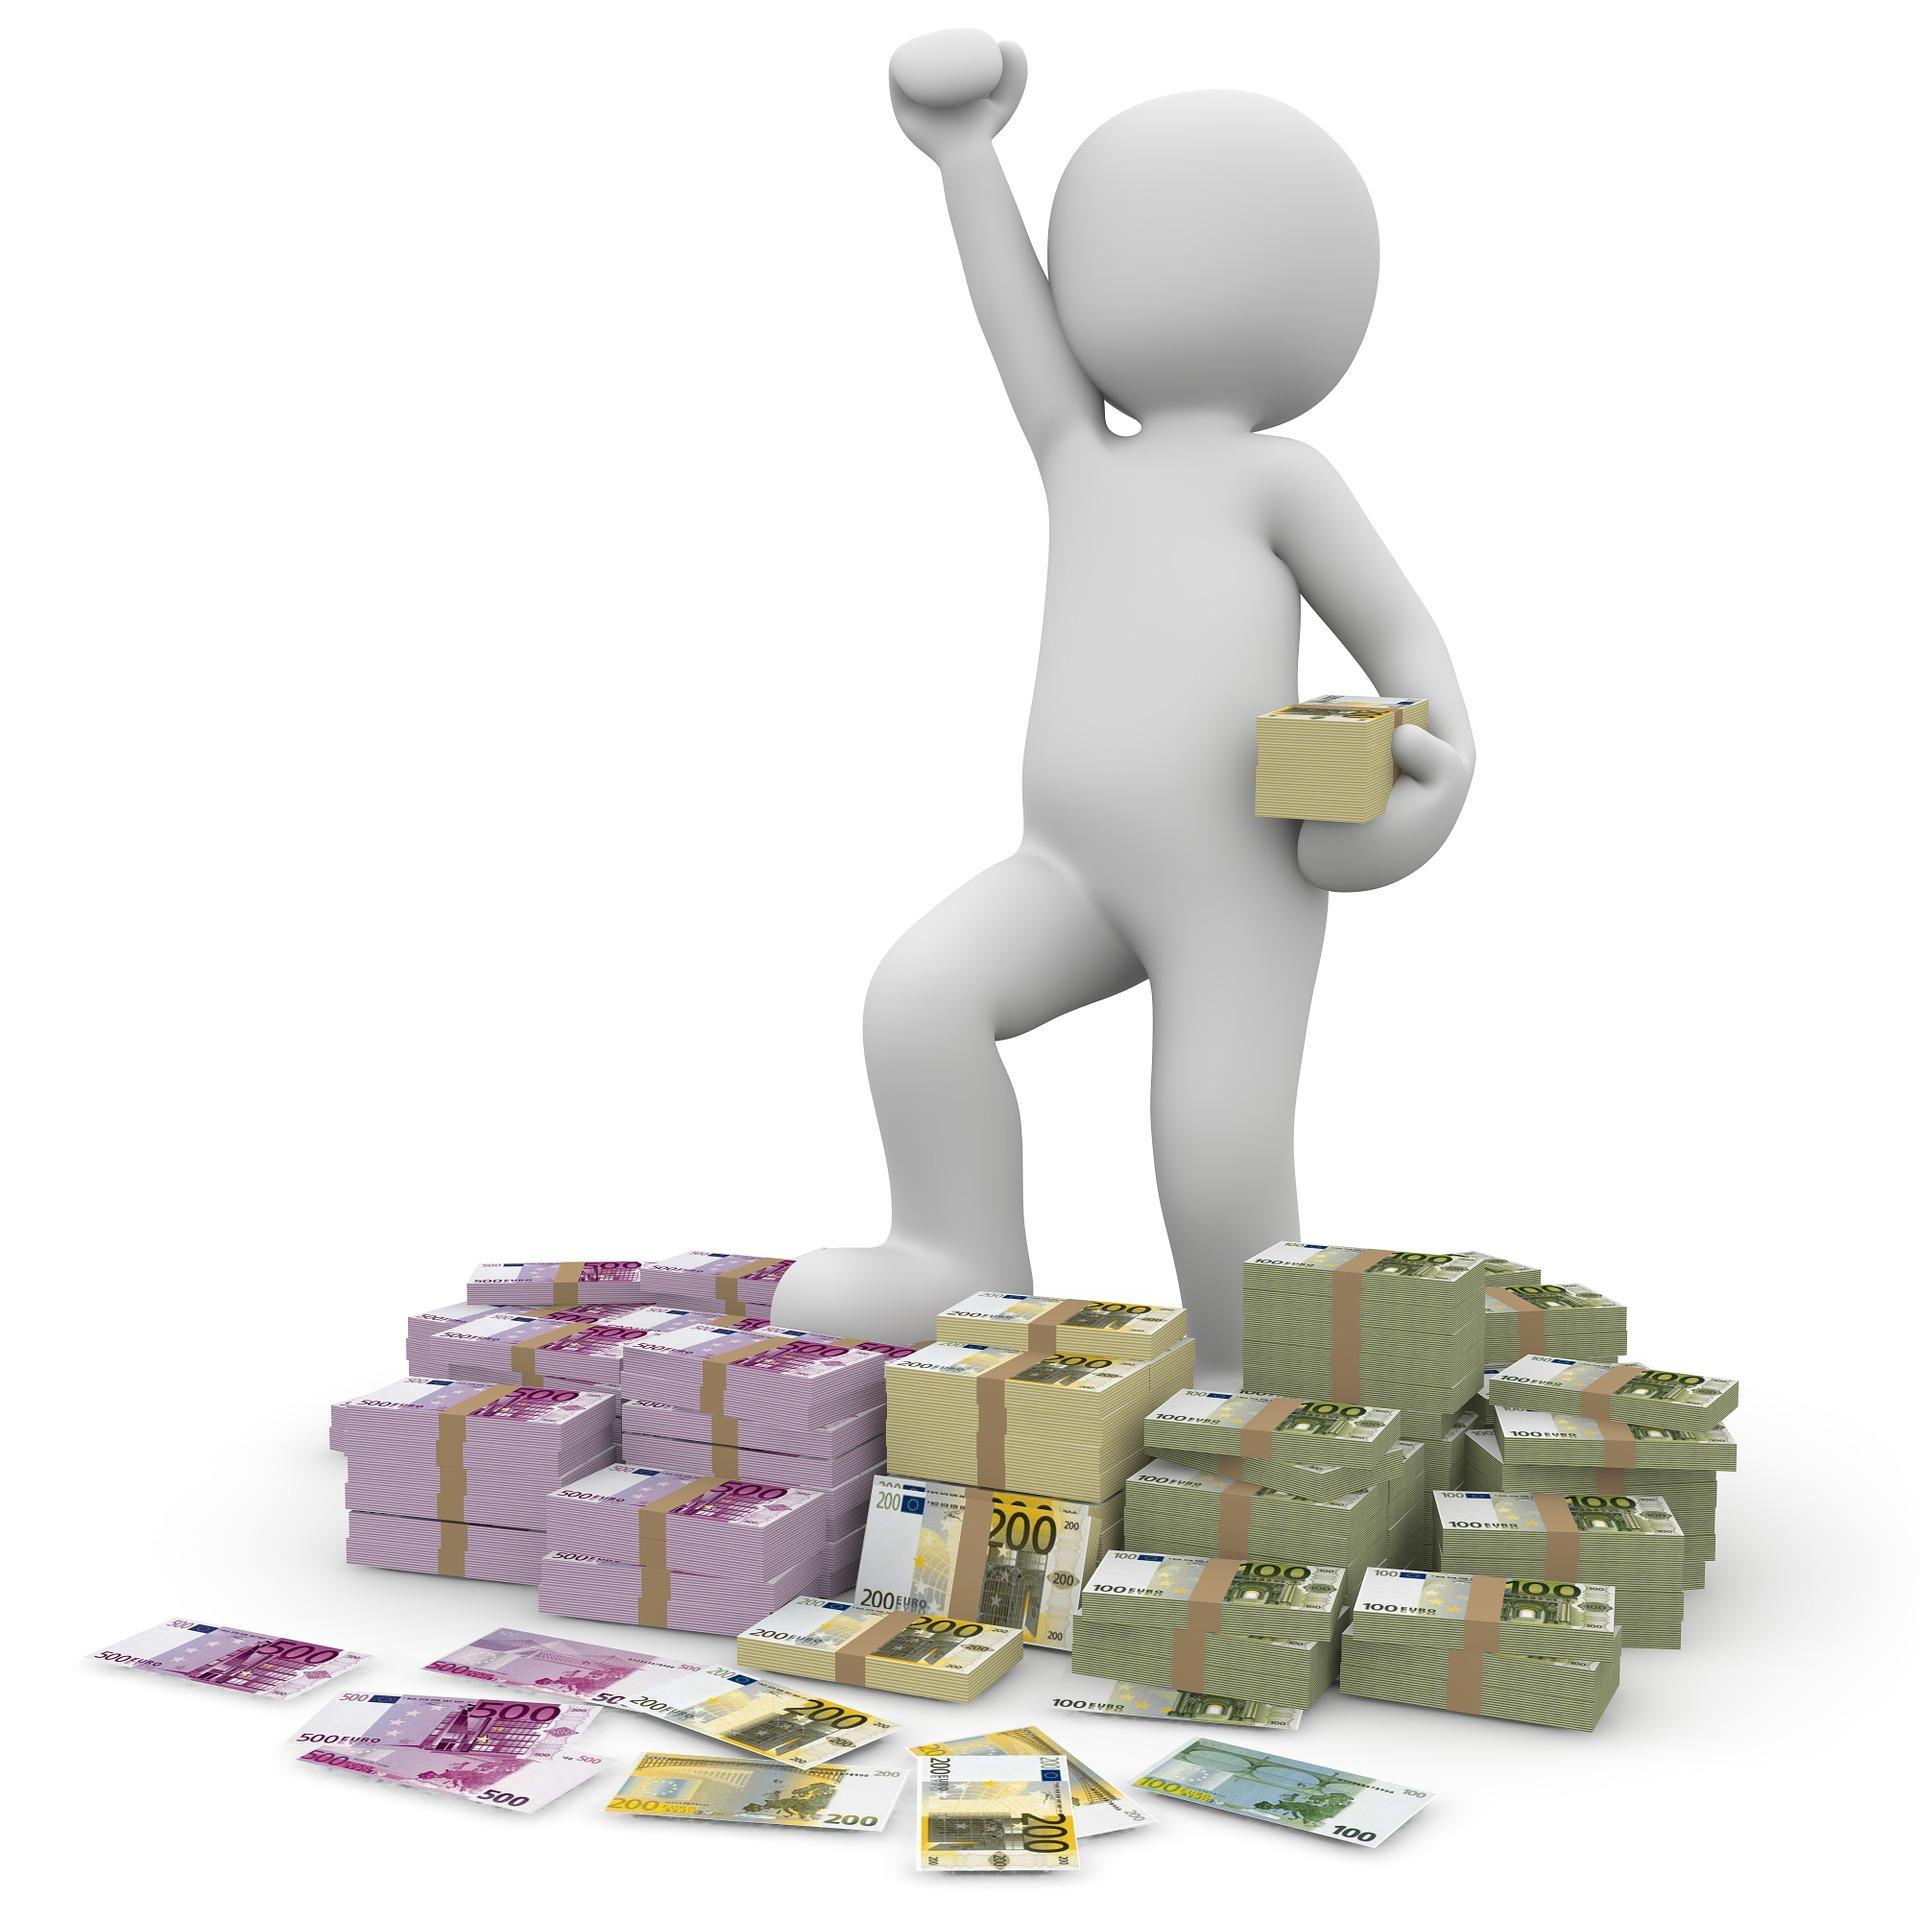 Organização financeira é sinônimo de sucesso?